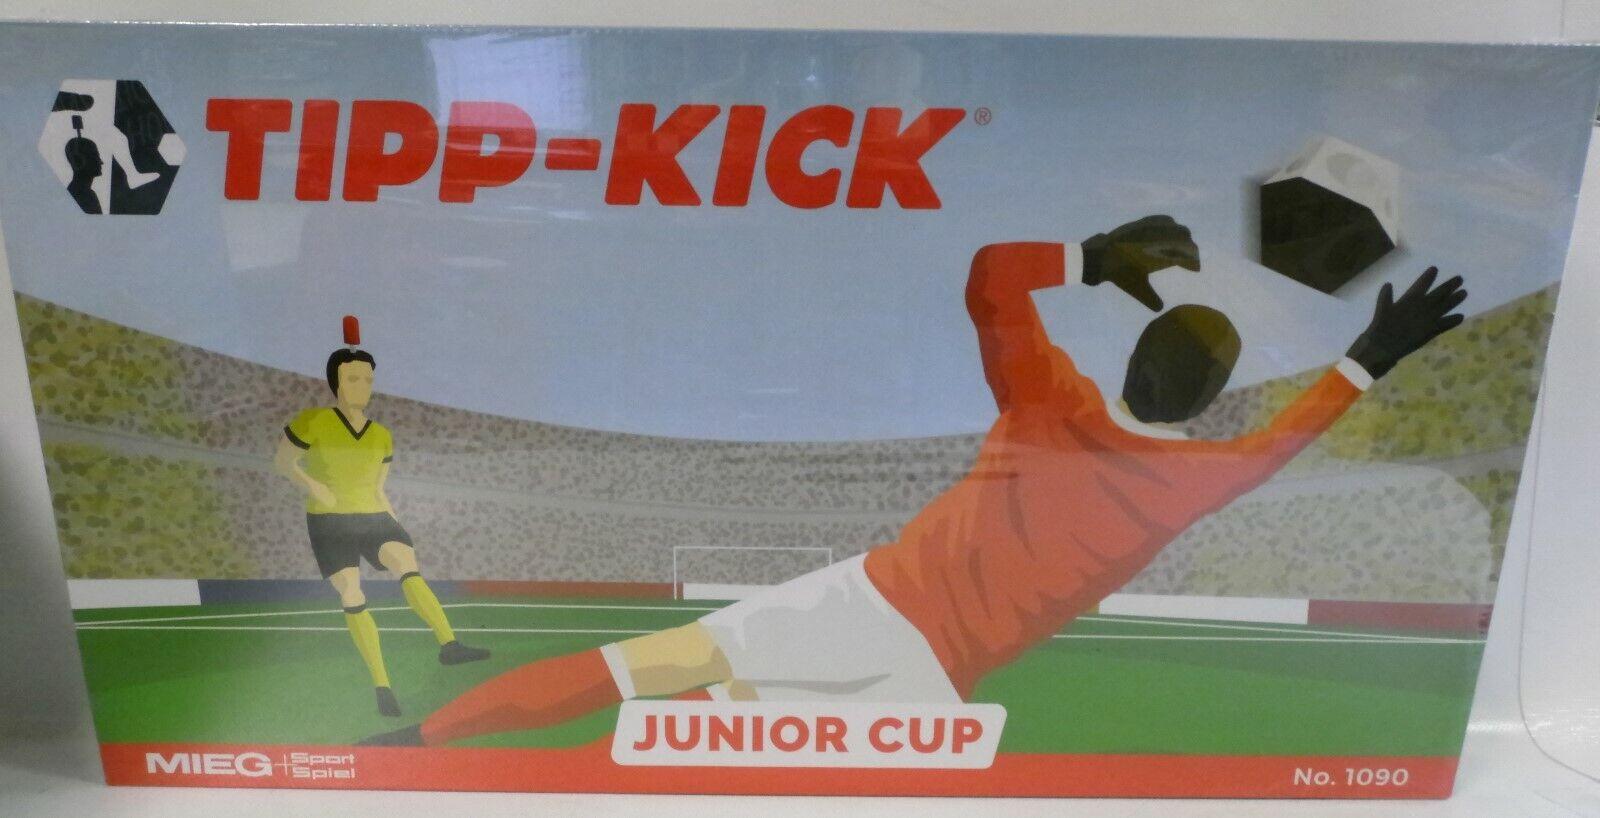 nuevo  Tipp-kick 1090 junior cup de fútbol kicker  OVP